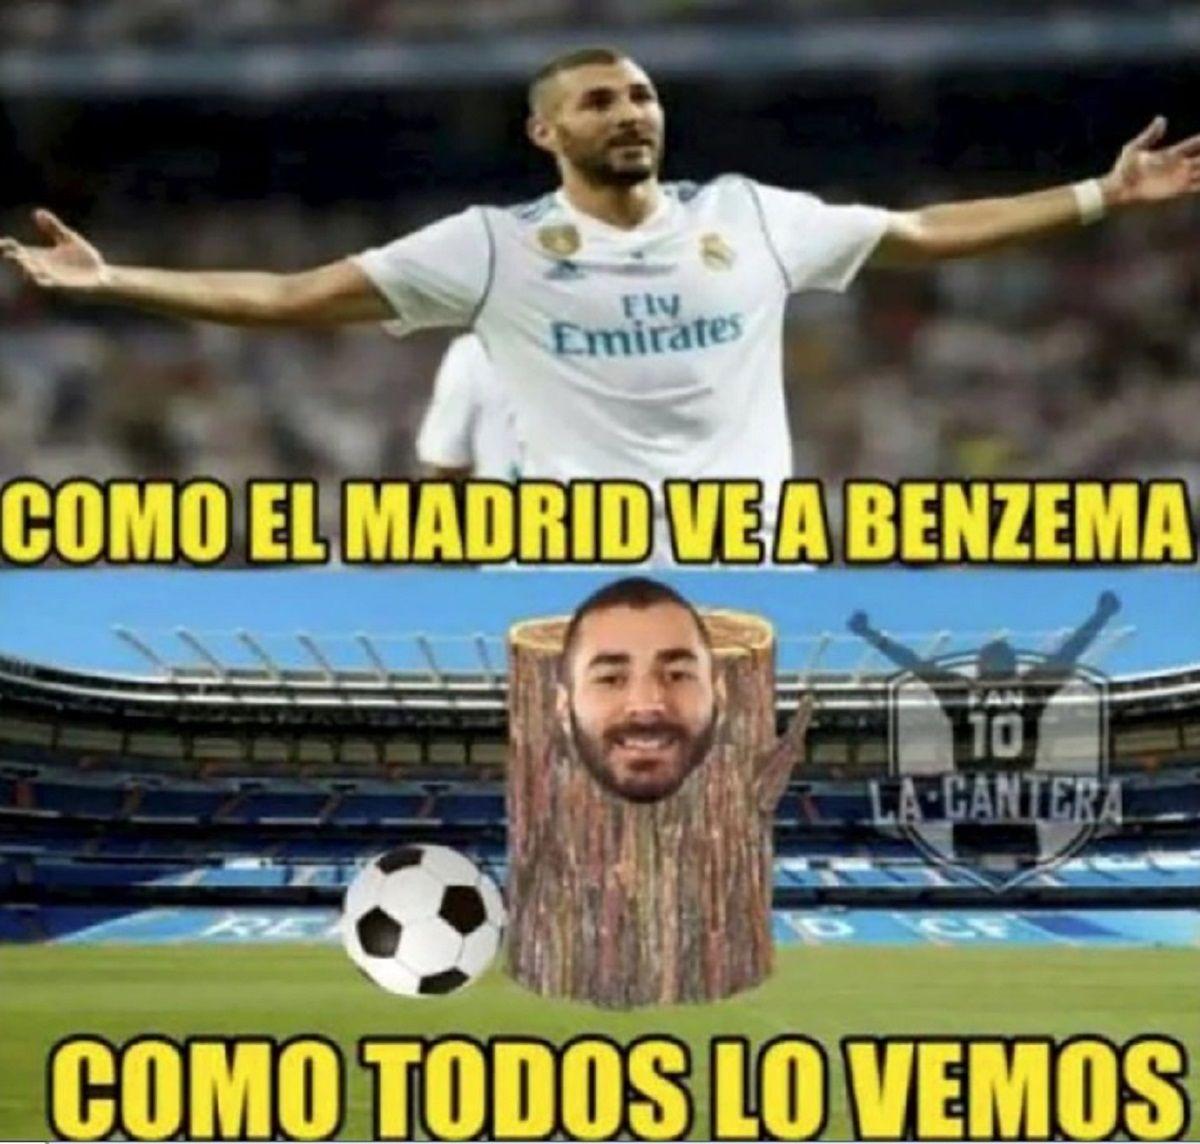 Los mejores memes de la histórica goleada del Atlético sobre el Real Madrid